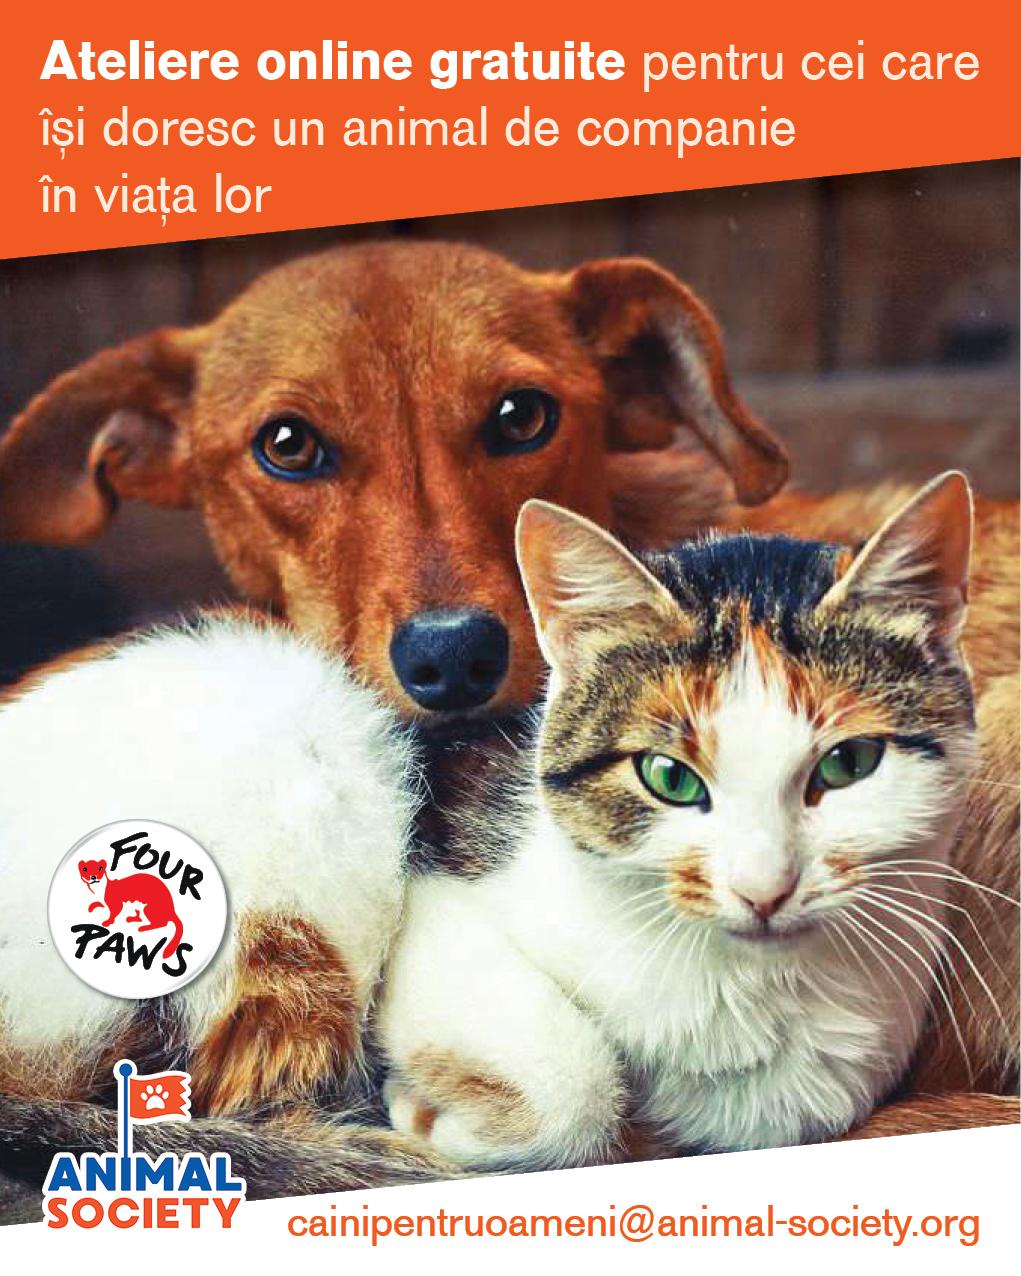 Animal Society va susține ateliere online gratuite pentru cei care își doresc un animal de companie